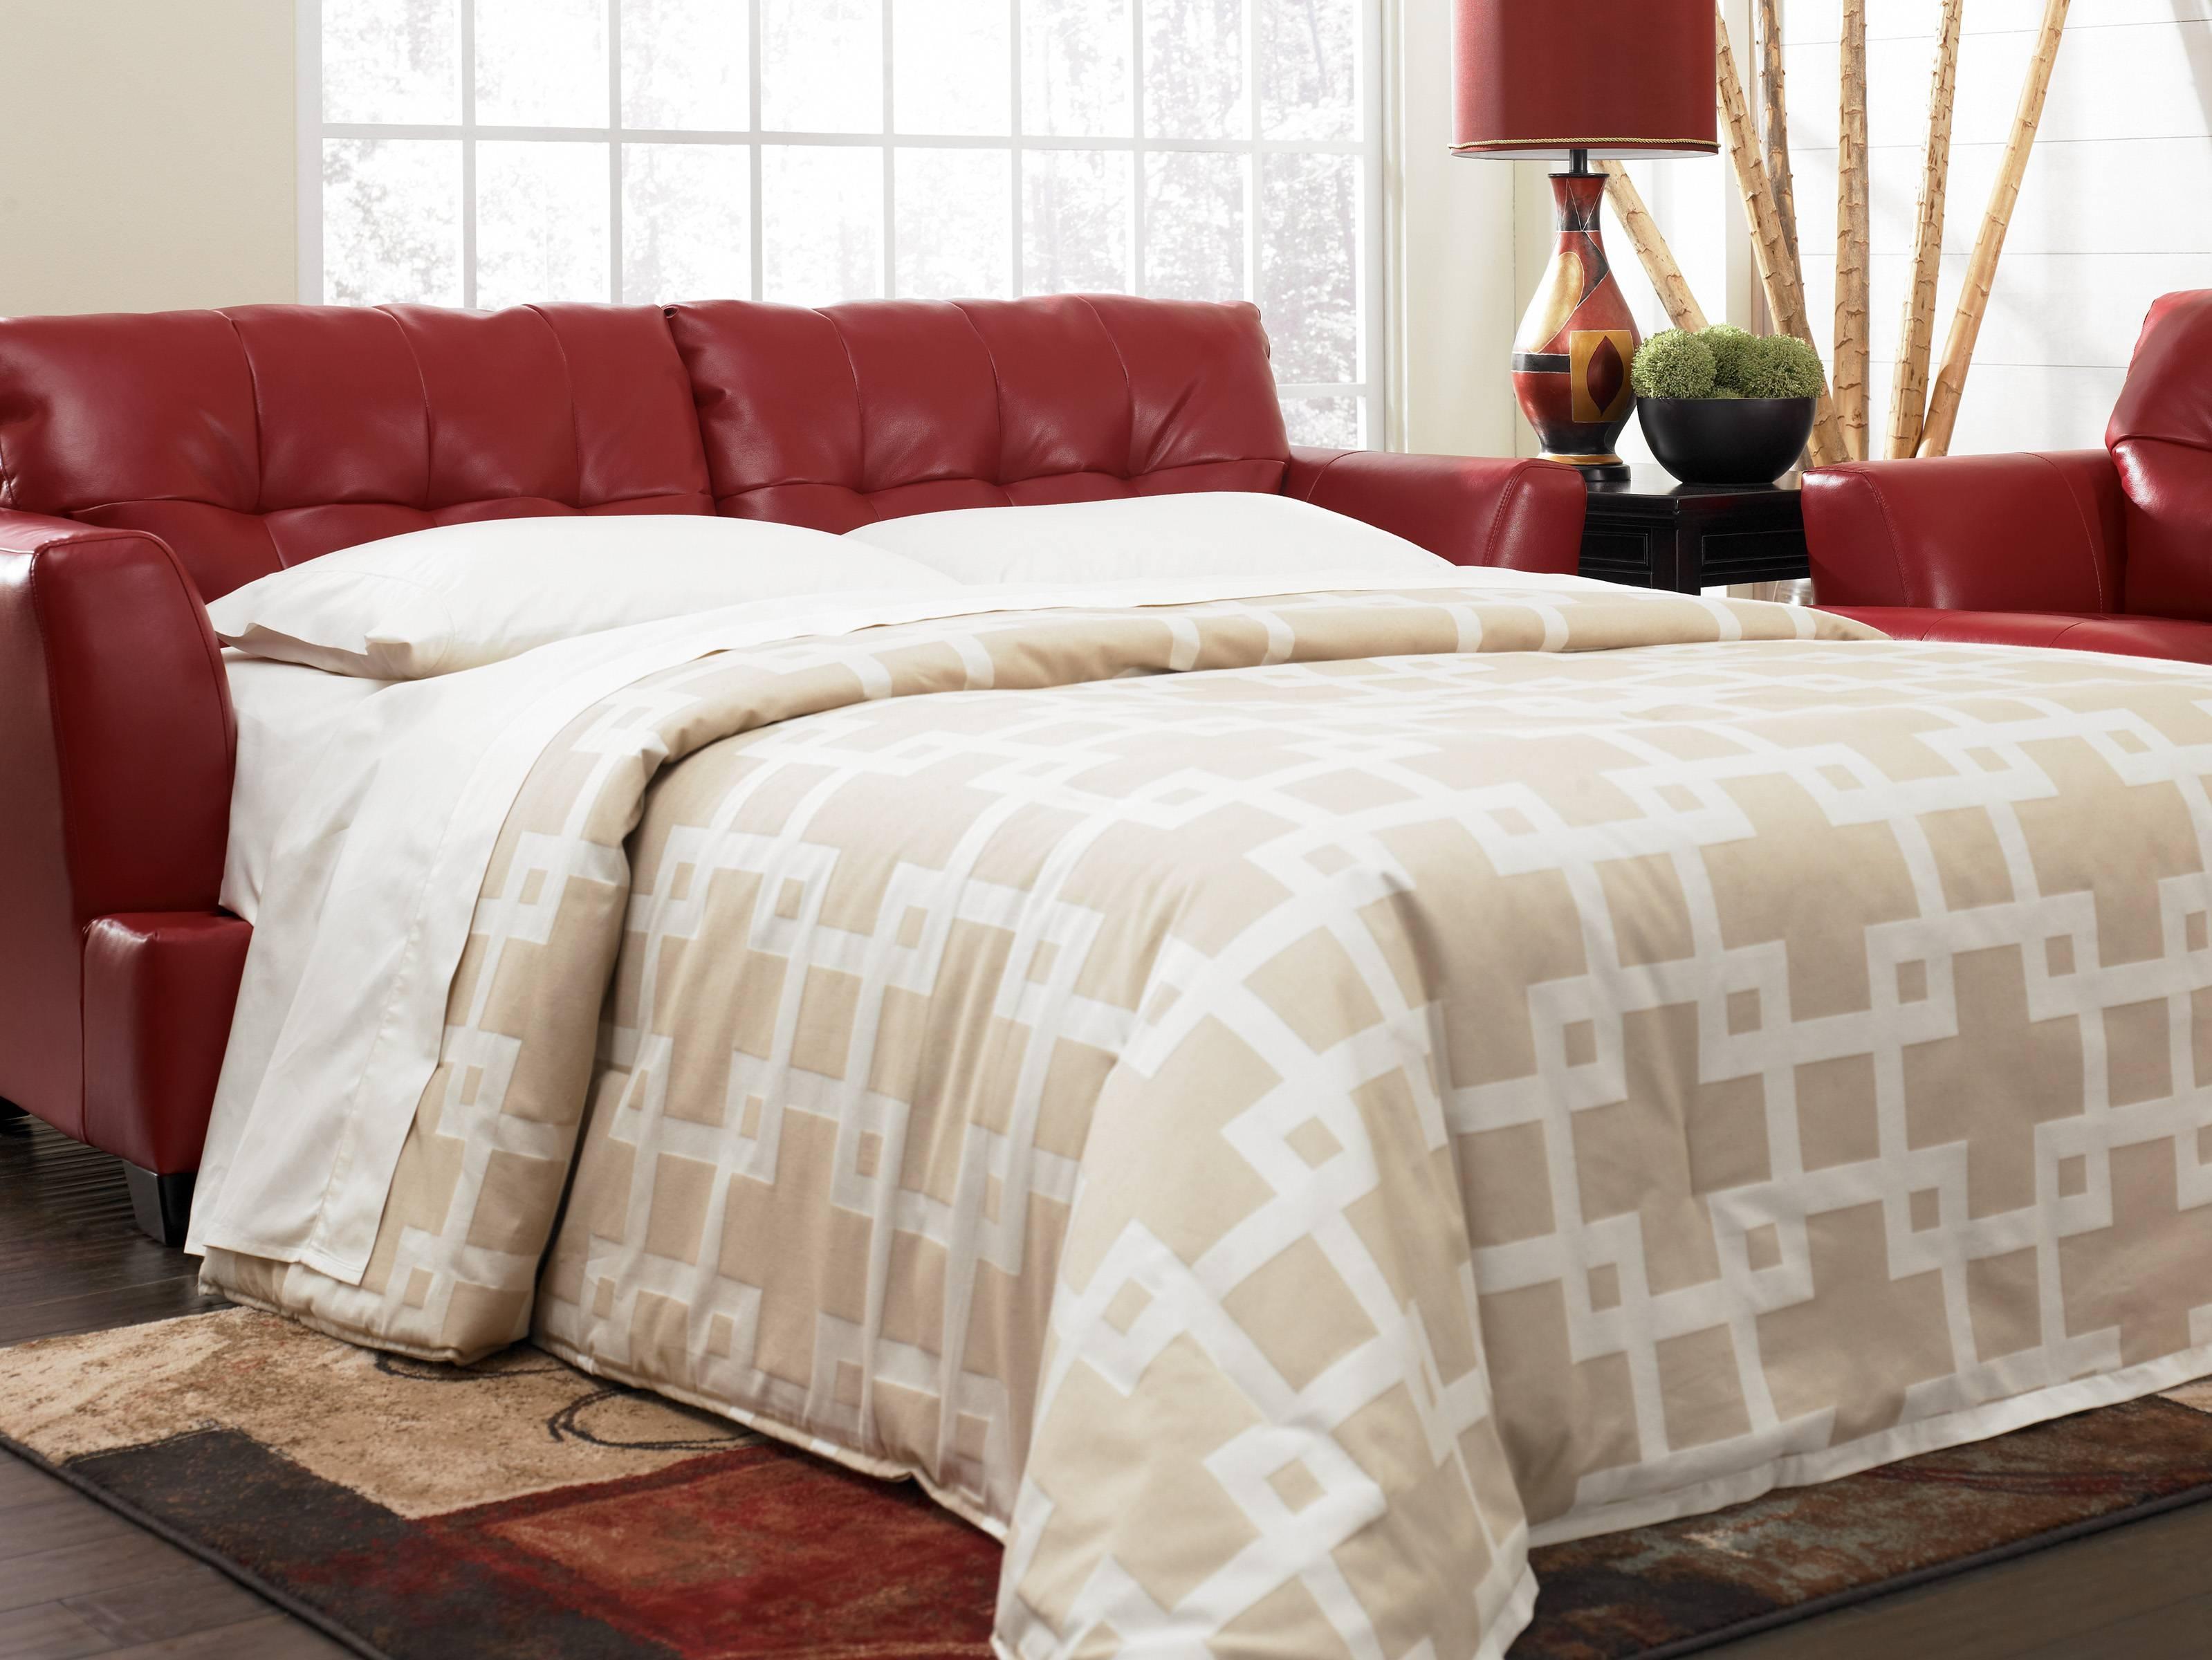 Queen Size Sofa Bed Sheets | Tehranmix Decoration for Queen Size Sofa Bed Sheets (Image 11 of 30)